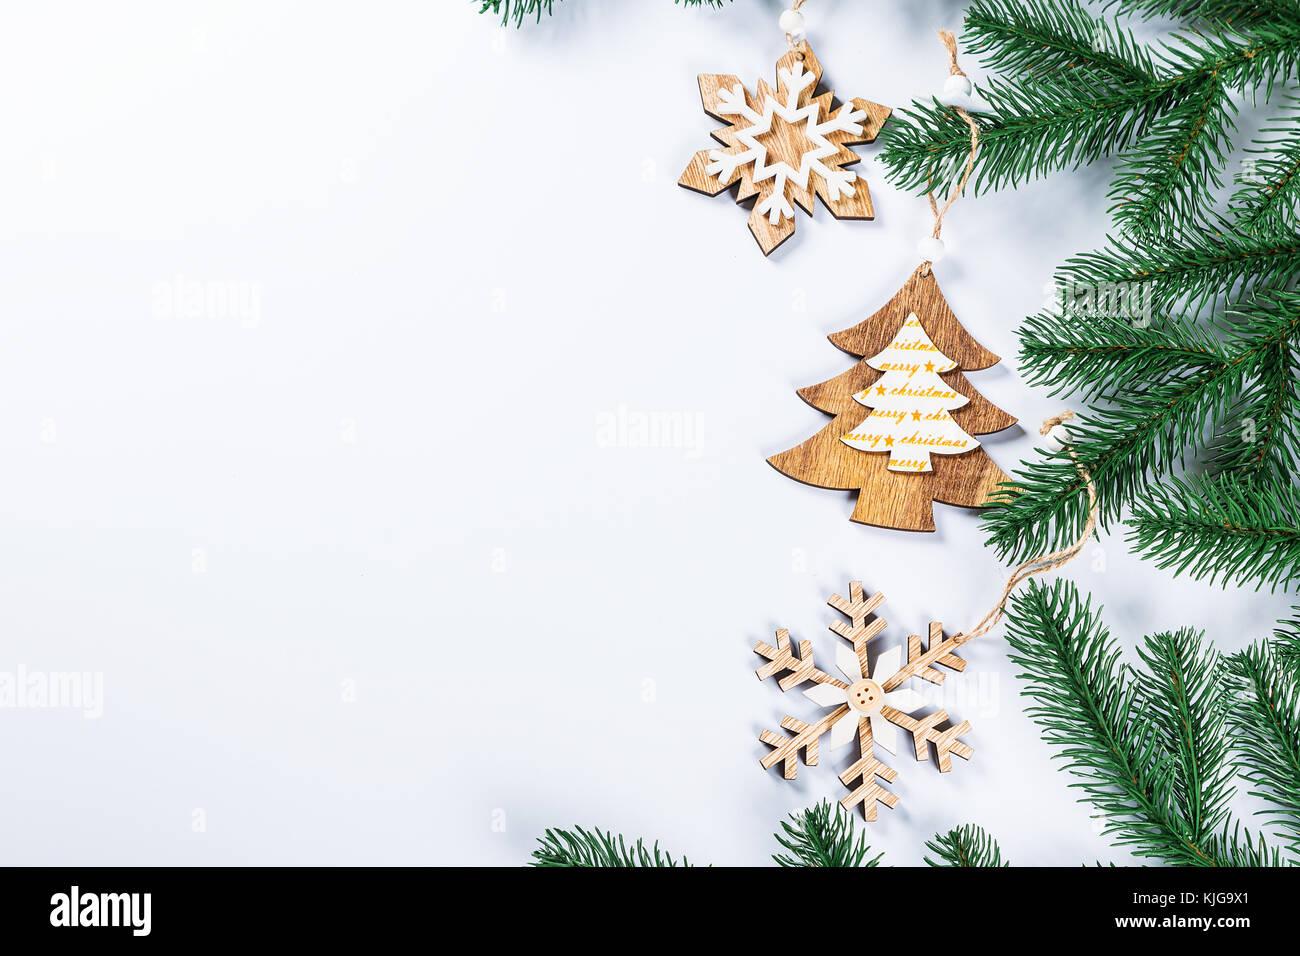 Fein Freier Weihnachtsbaum Zum Ausdrucken Fotos - Malvorlagen Von ...